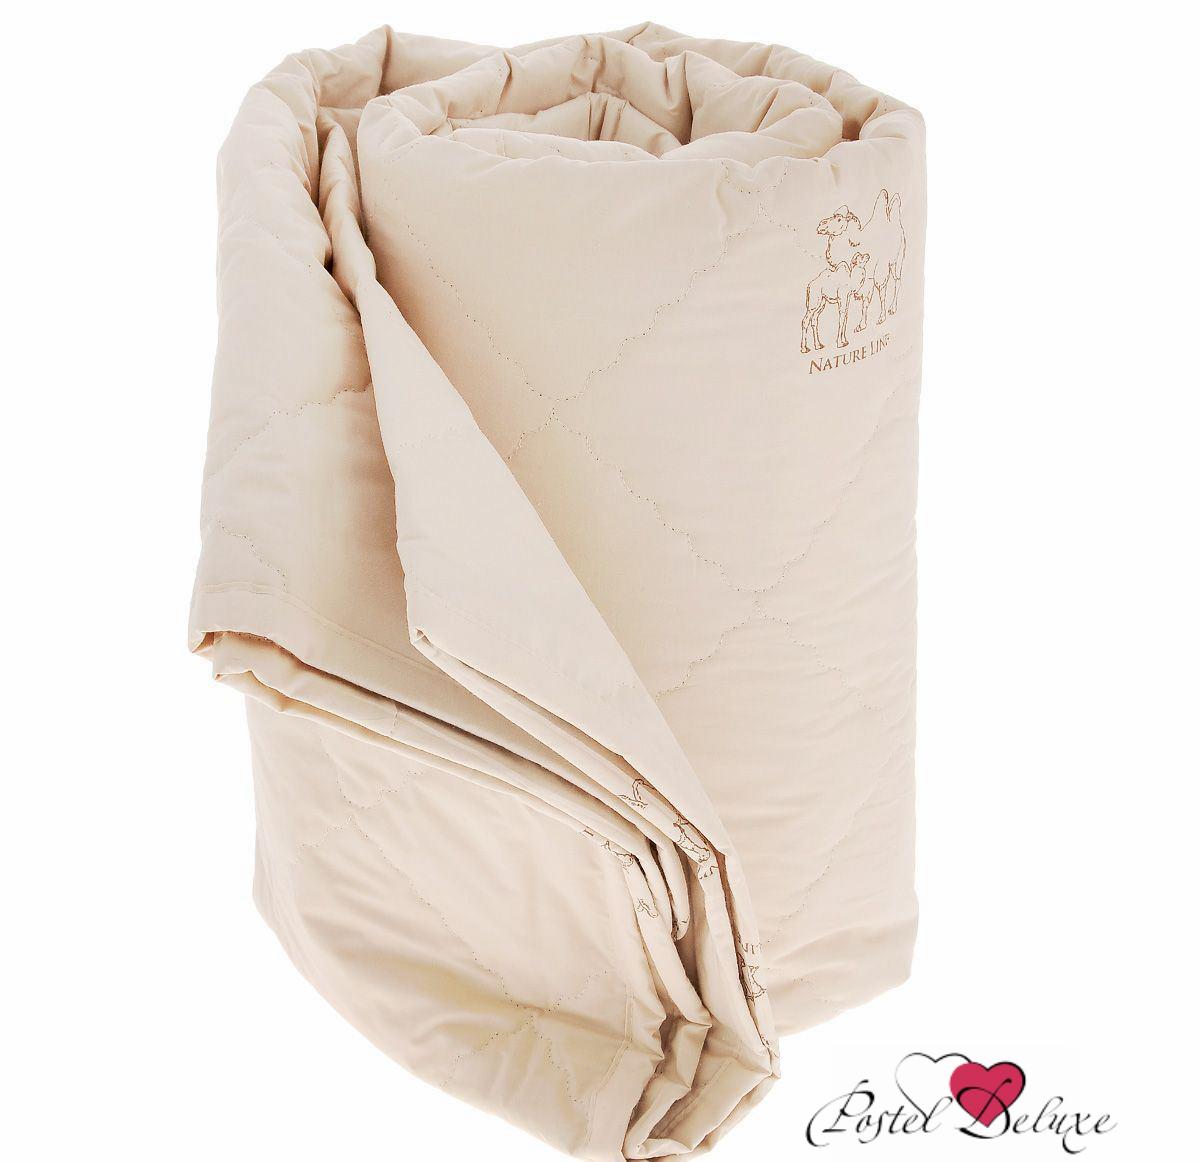 Одеяло La PrimaОдеяла<br>Одеяло стёганое всесезонное двуспальное (евро)<br>Размер: 200х220 см<br><br>Наполнитель: Верблюжья шерсть<br>Плотность наполнителя: 300 г/м2<br>Состав: 40% Верблюжья шерсть, 60% Полиэфирное волокно<br><br>Материал чехла: Хлопковый тик<br>Состав: 100% Хлопок<br>Отделка: Кант<br><br>Производитель: La Prima<br>Страна производства: Россия<br>Тип Упаковки: Чемодан ПВХ<br><br>Тип: одеяло<br>Размерность комплекта: евростандарт<br>Материал: Хлопковый тик<br>Размер наволочки: None<br>Подарочная упаковка: None<br>Для детей: нет<br>Ткань: Хлопковый тик<br>Цвет: Бежевый